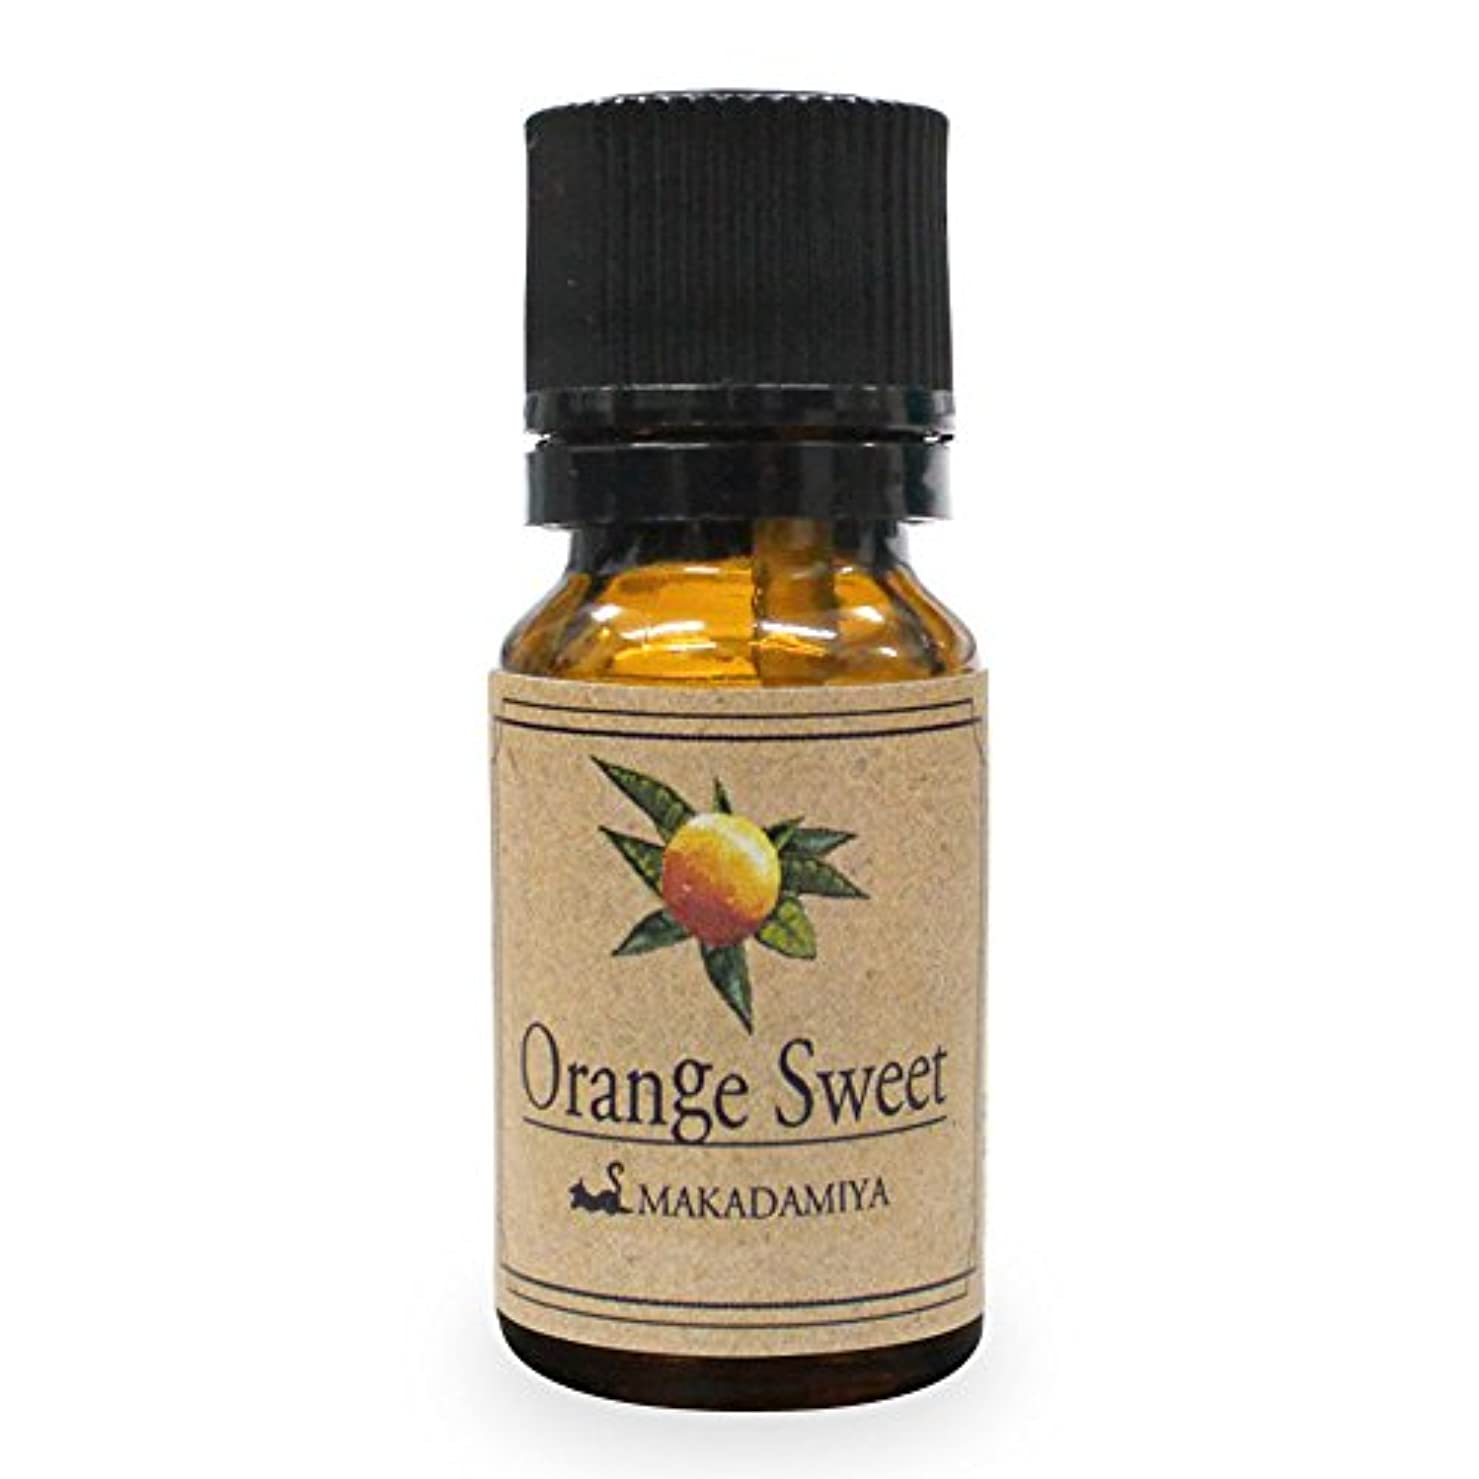 検査同行チューリップオレンジ?スイート10ml 天然100%植物性 エッセンシャルオイル(精油) アロマオイル アロママッサージ aroma Orange S.